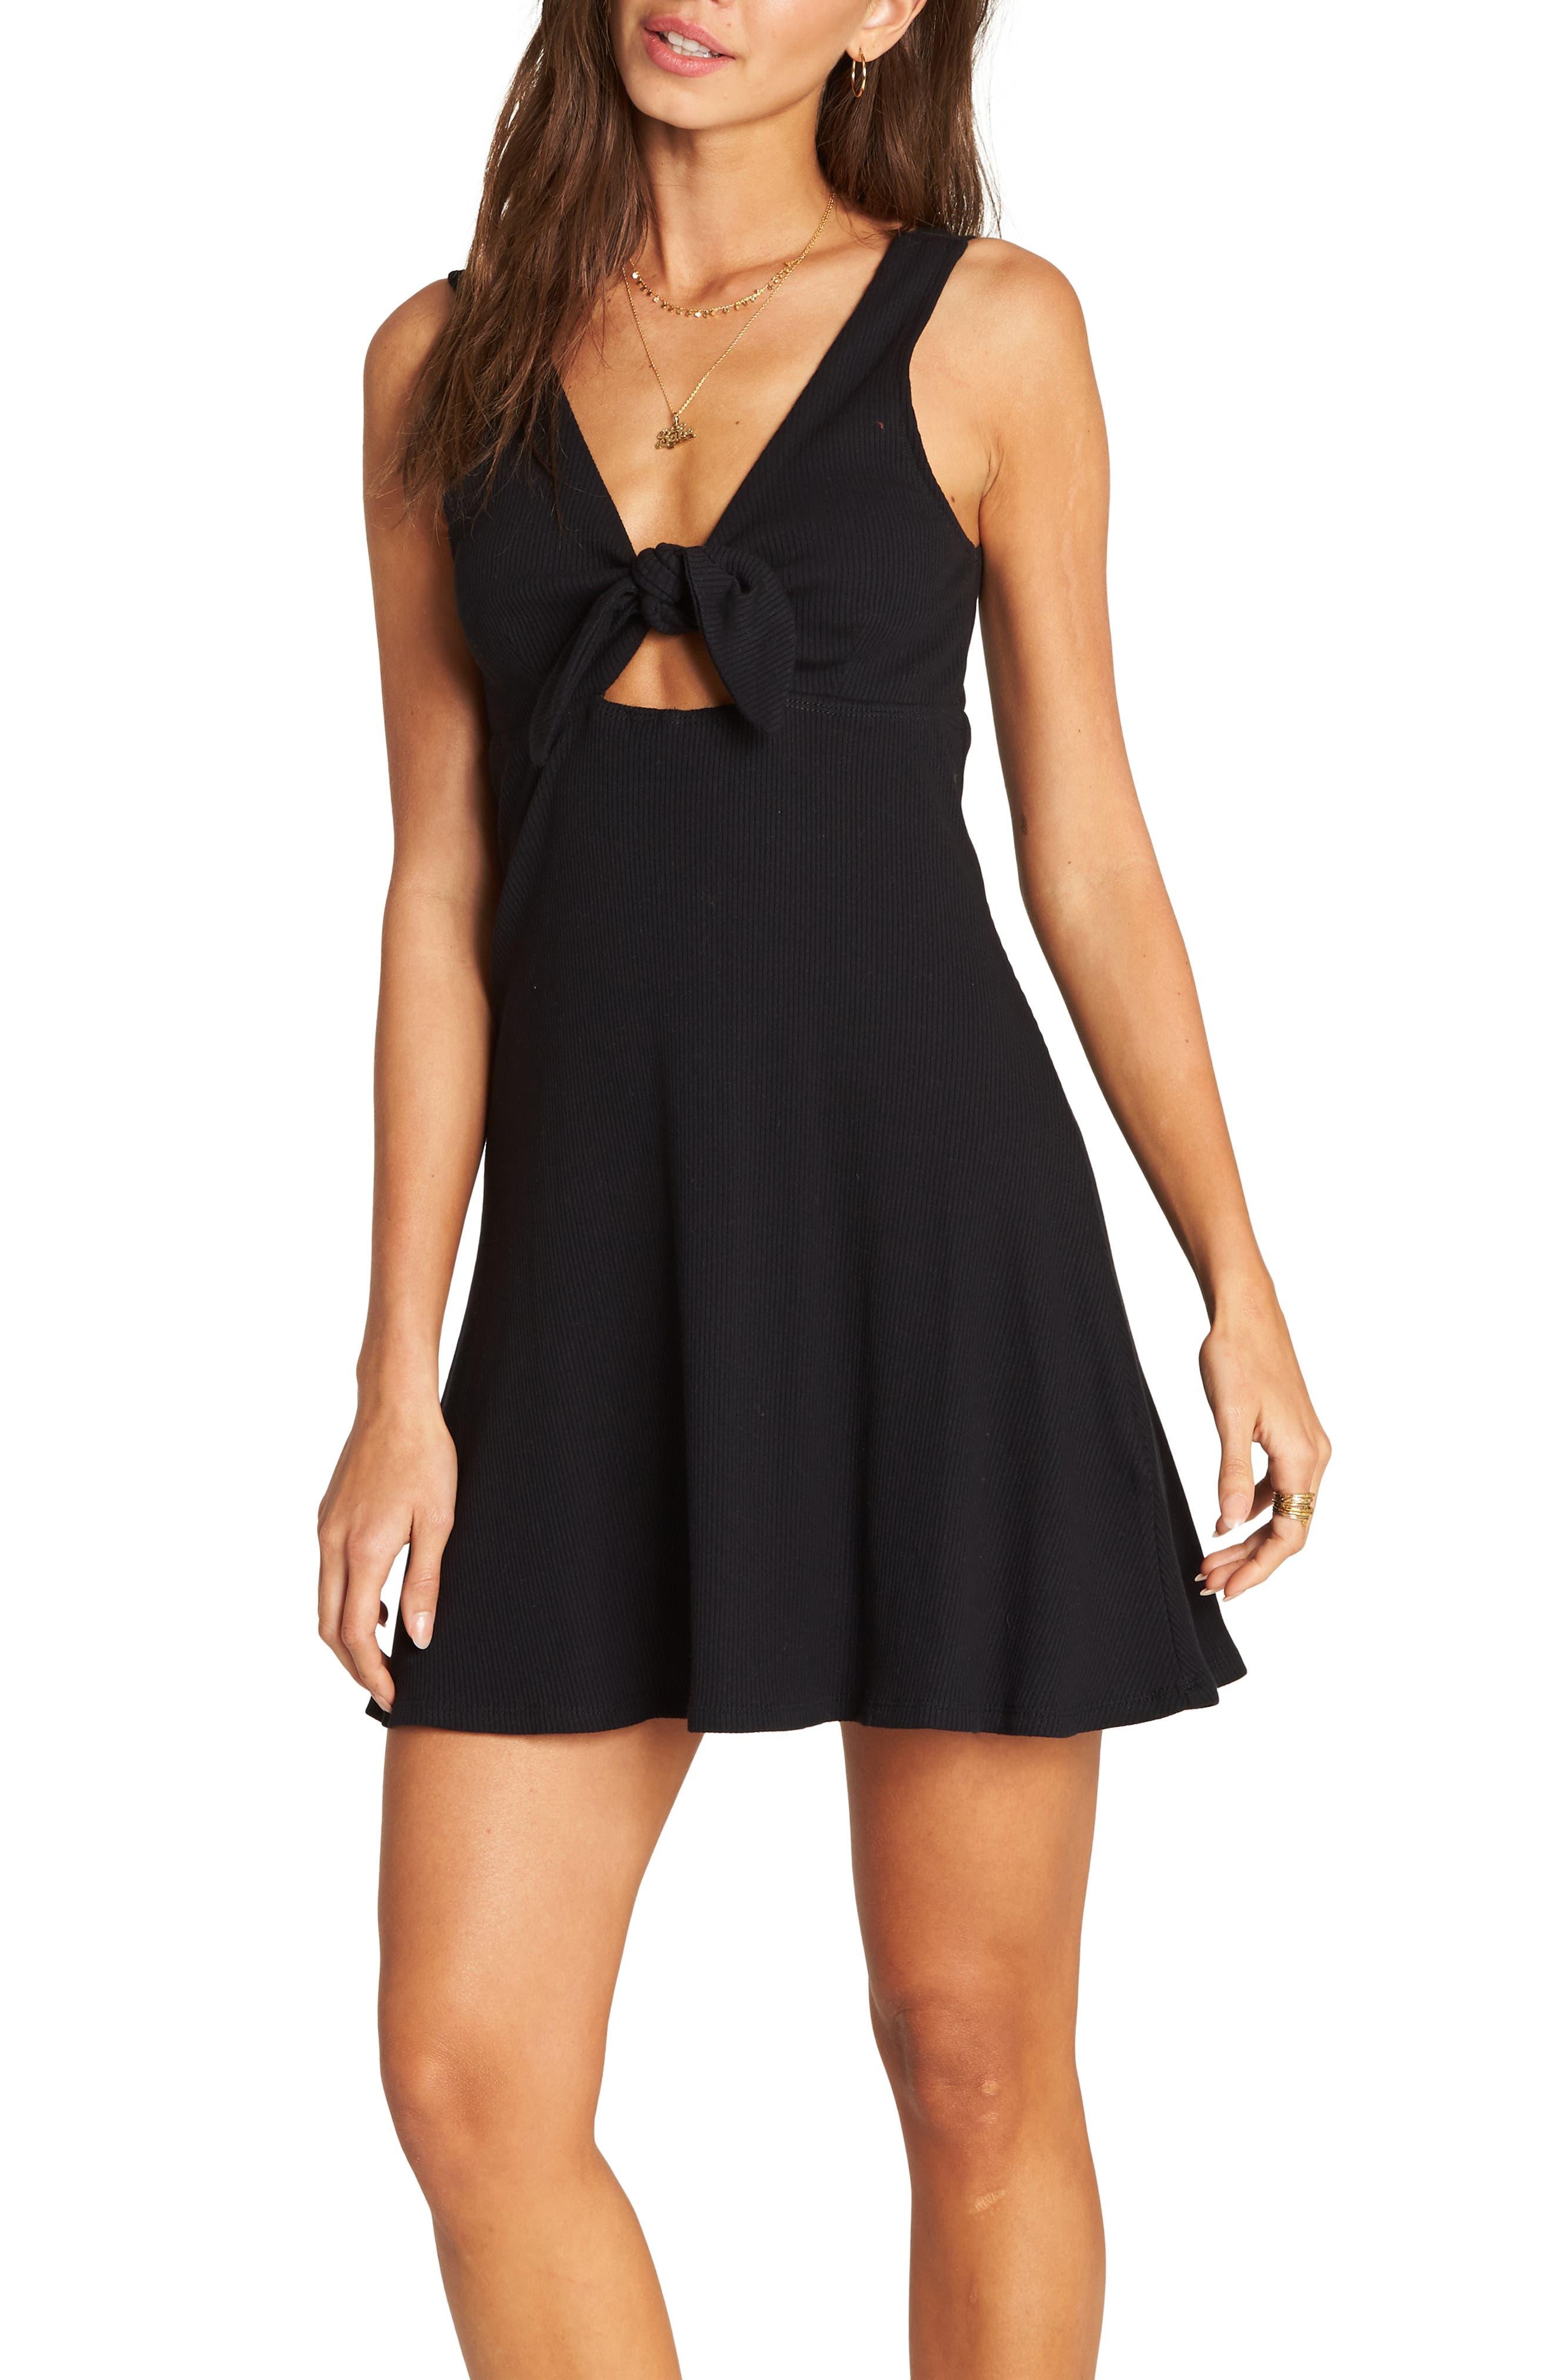 Billabong Hola Holiday Cutout Minidress, Black